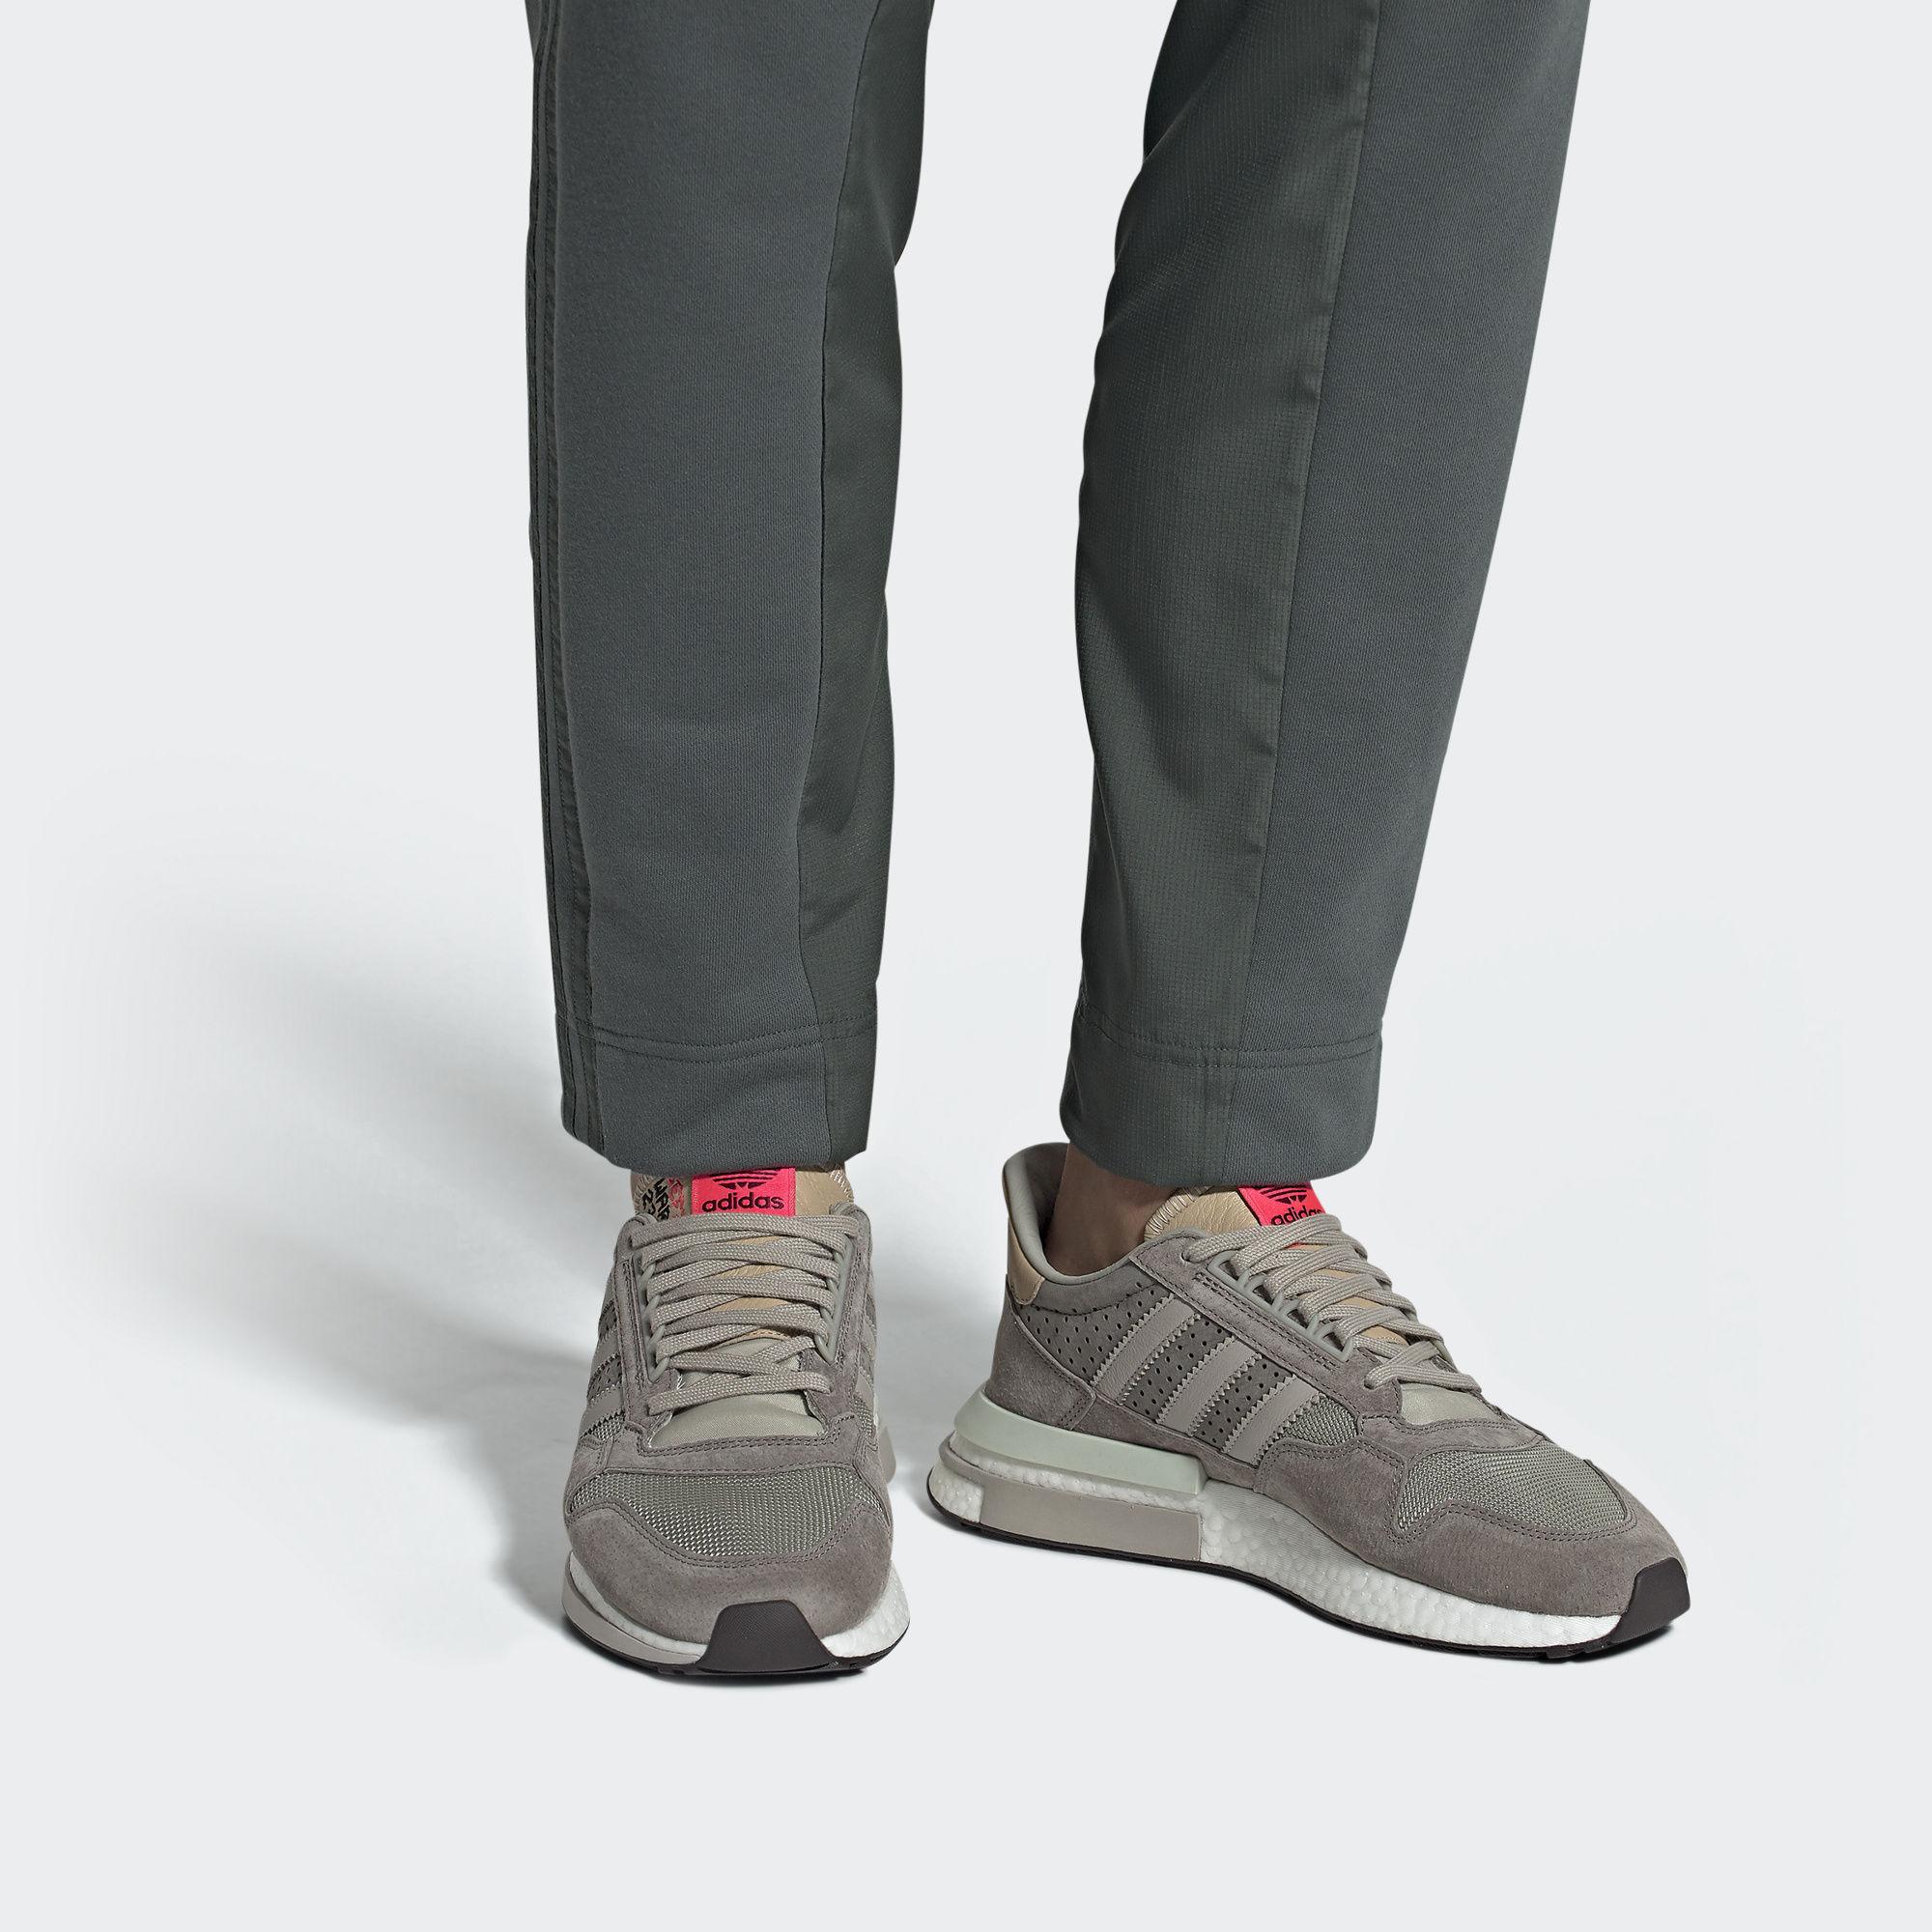 Zx 500 Rm Shoes | Upp till 70% |